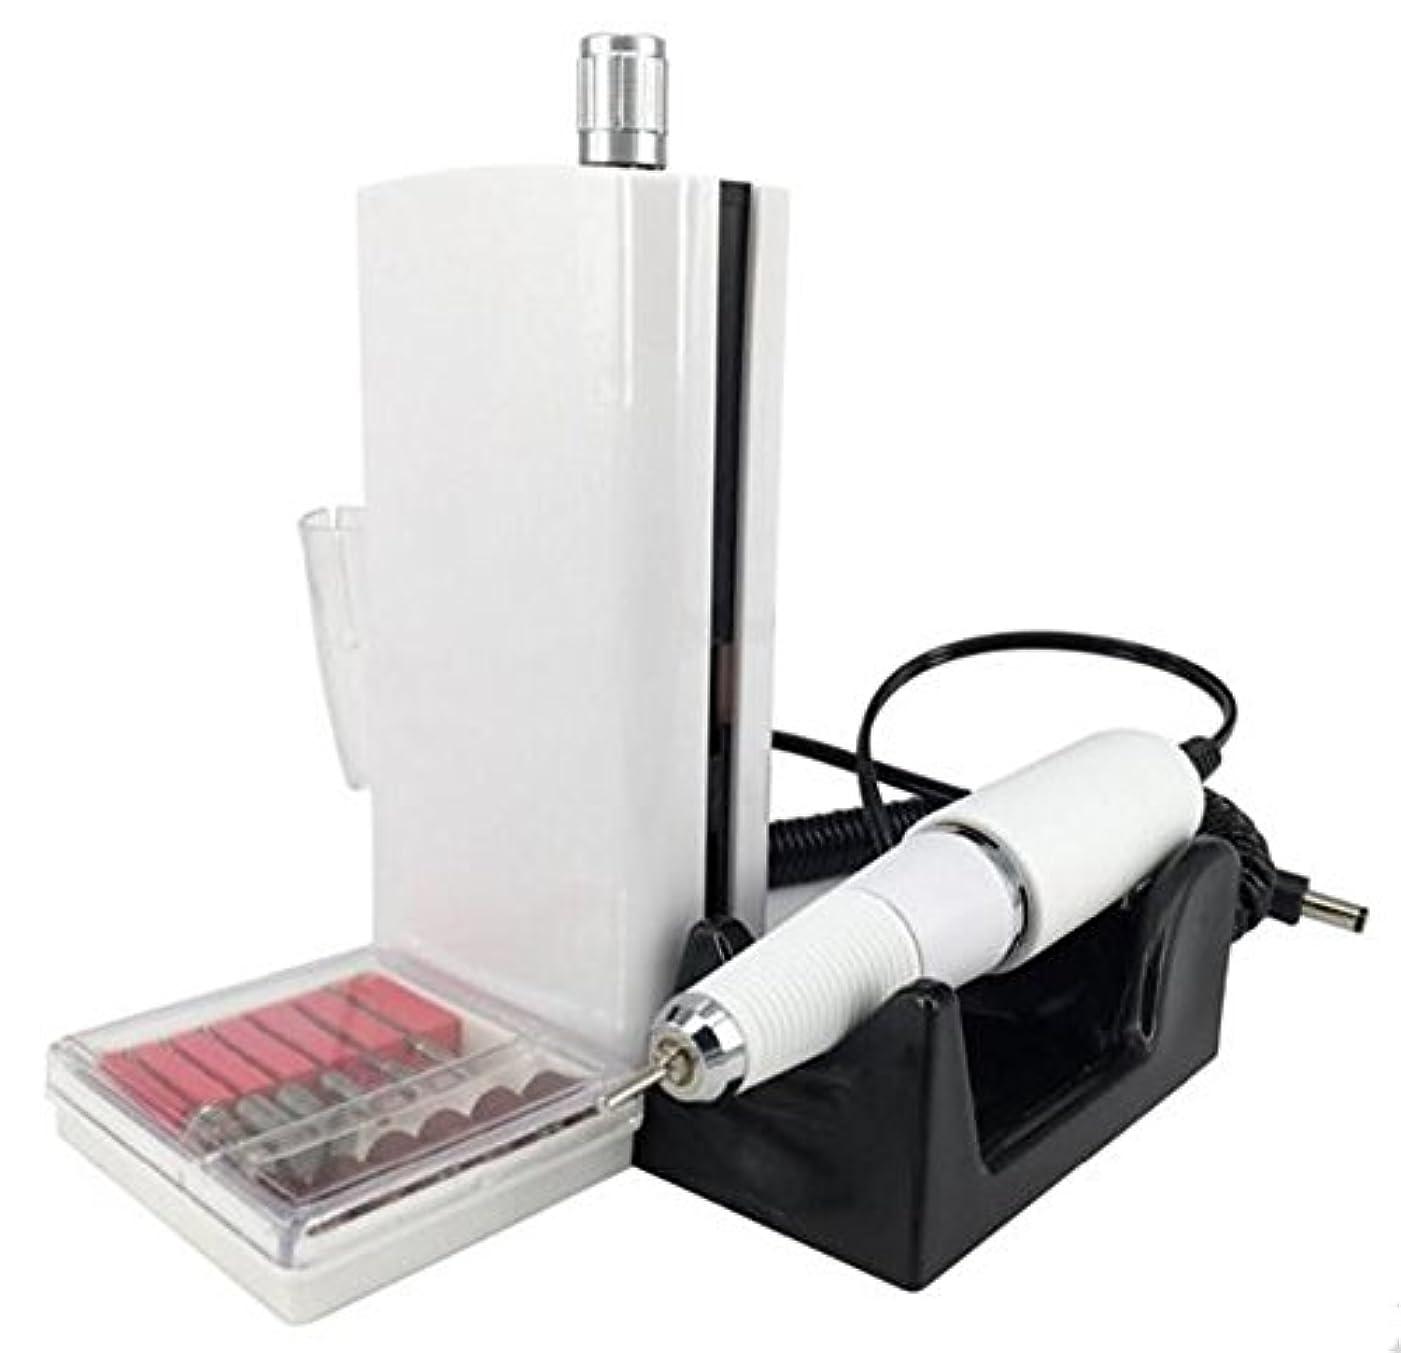 黒人叙情的な手伝うUZMEI 30000rpm Electric Rechargeable Nail Drill Cordless Nail File Professional Nail Tools for Nail Beauty